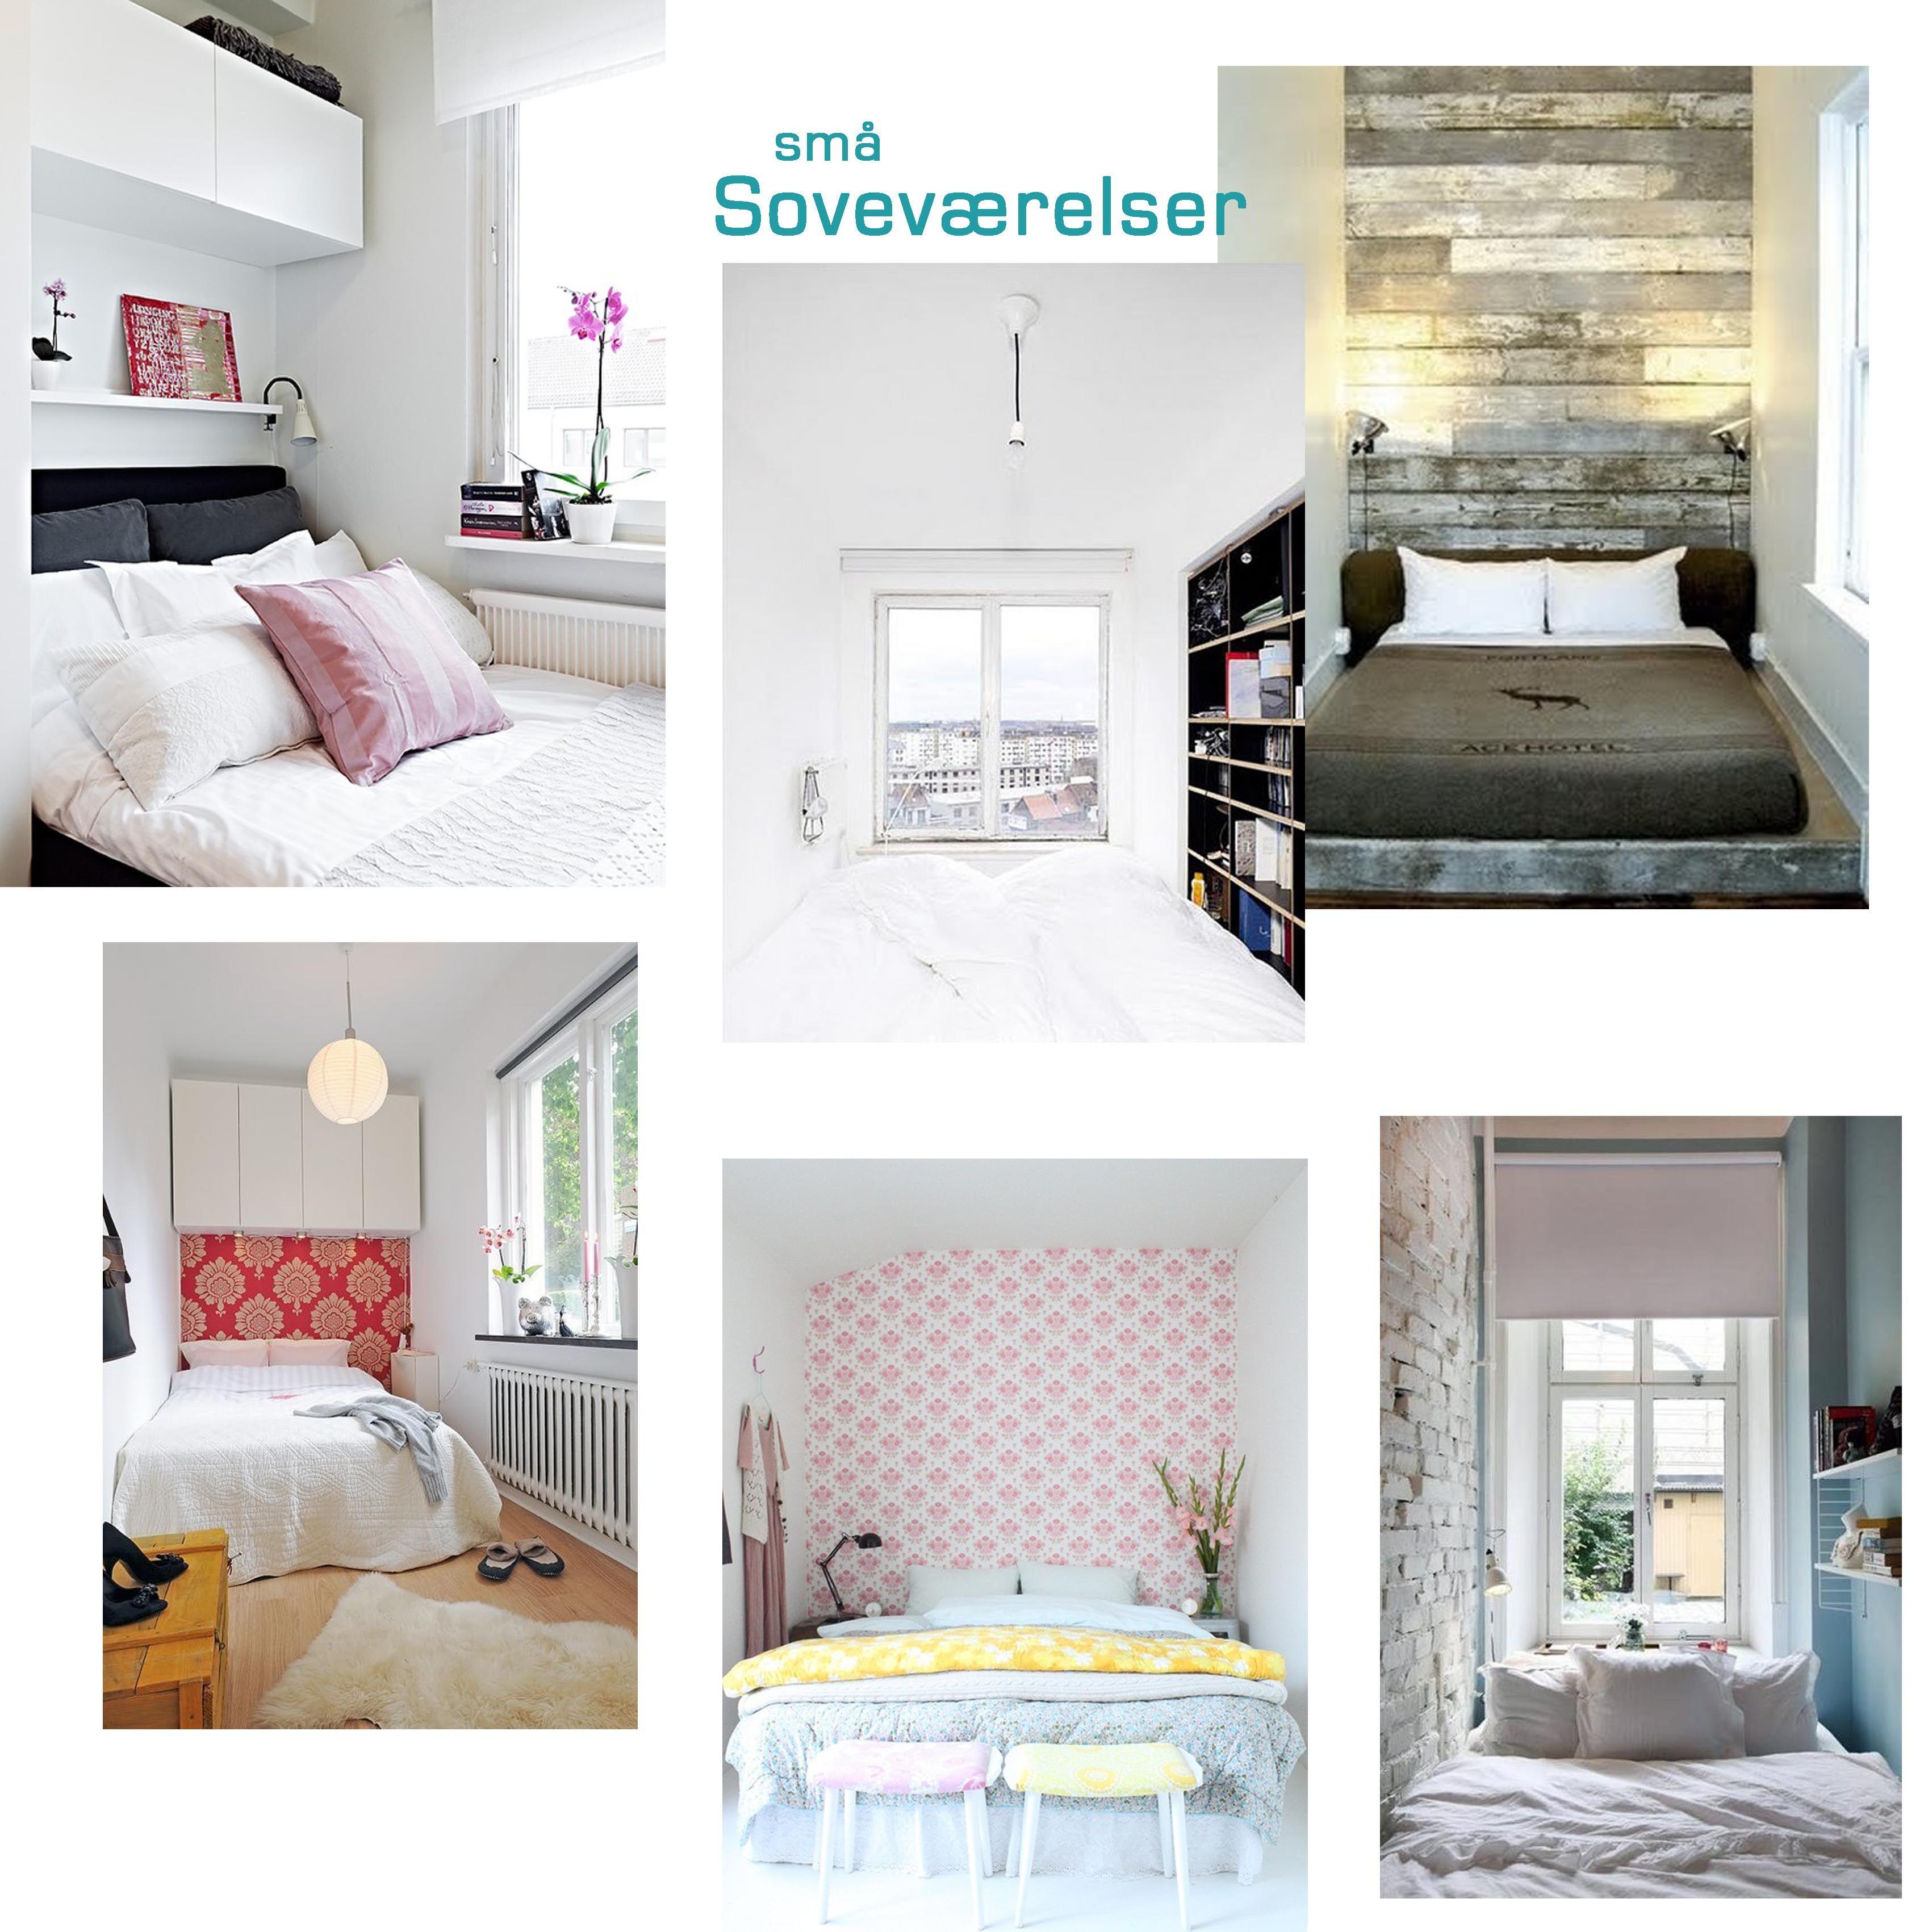 sovevarelse-indretning-smaa-lille-bo-smaat-boligindretning-bolig ...